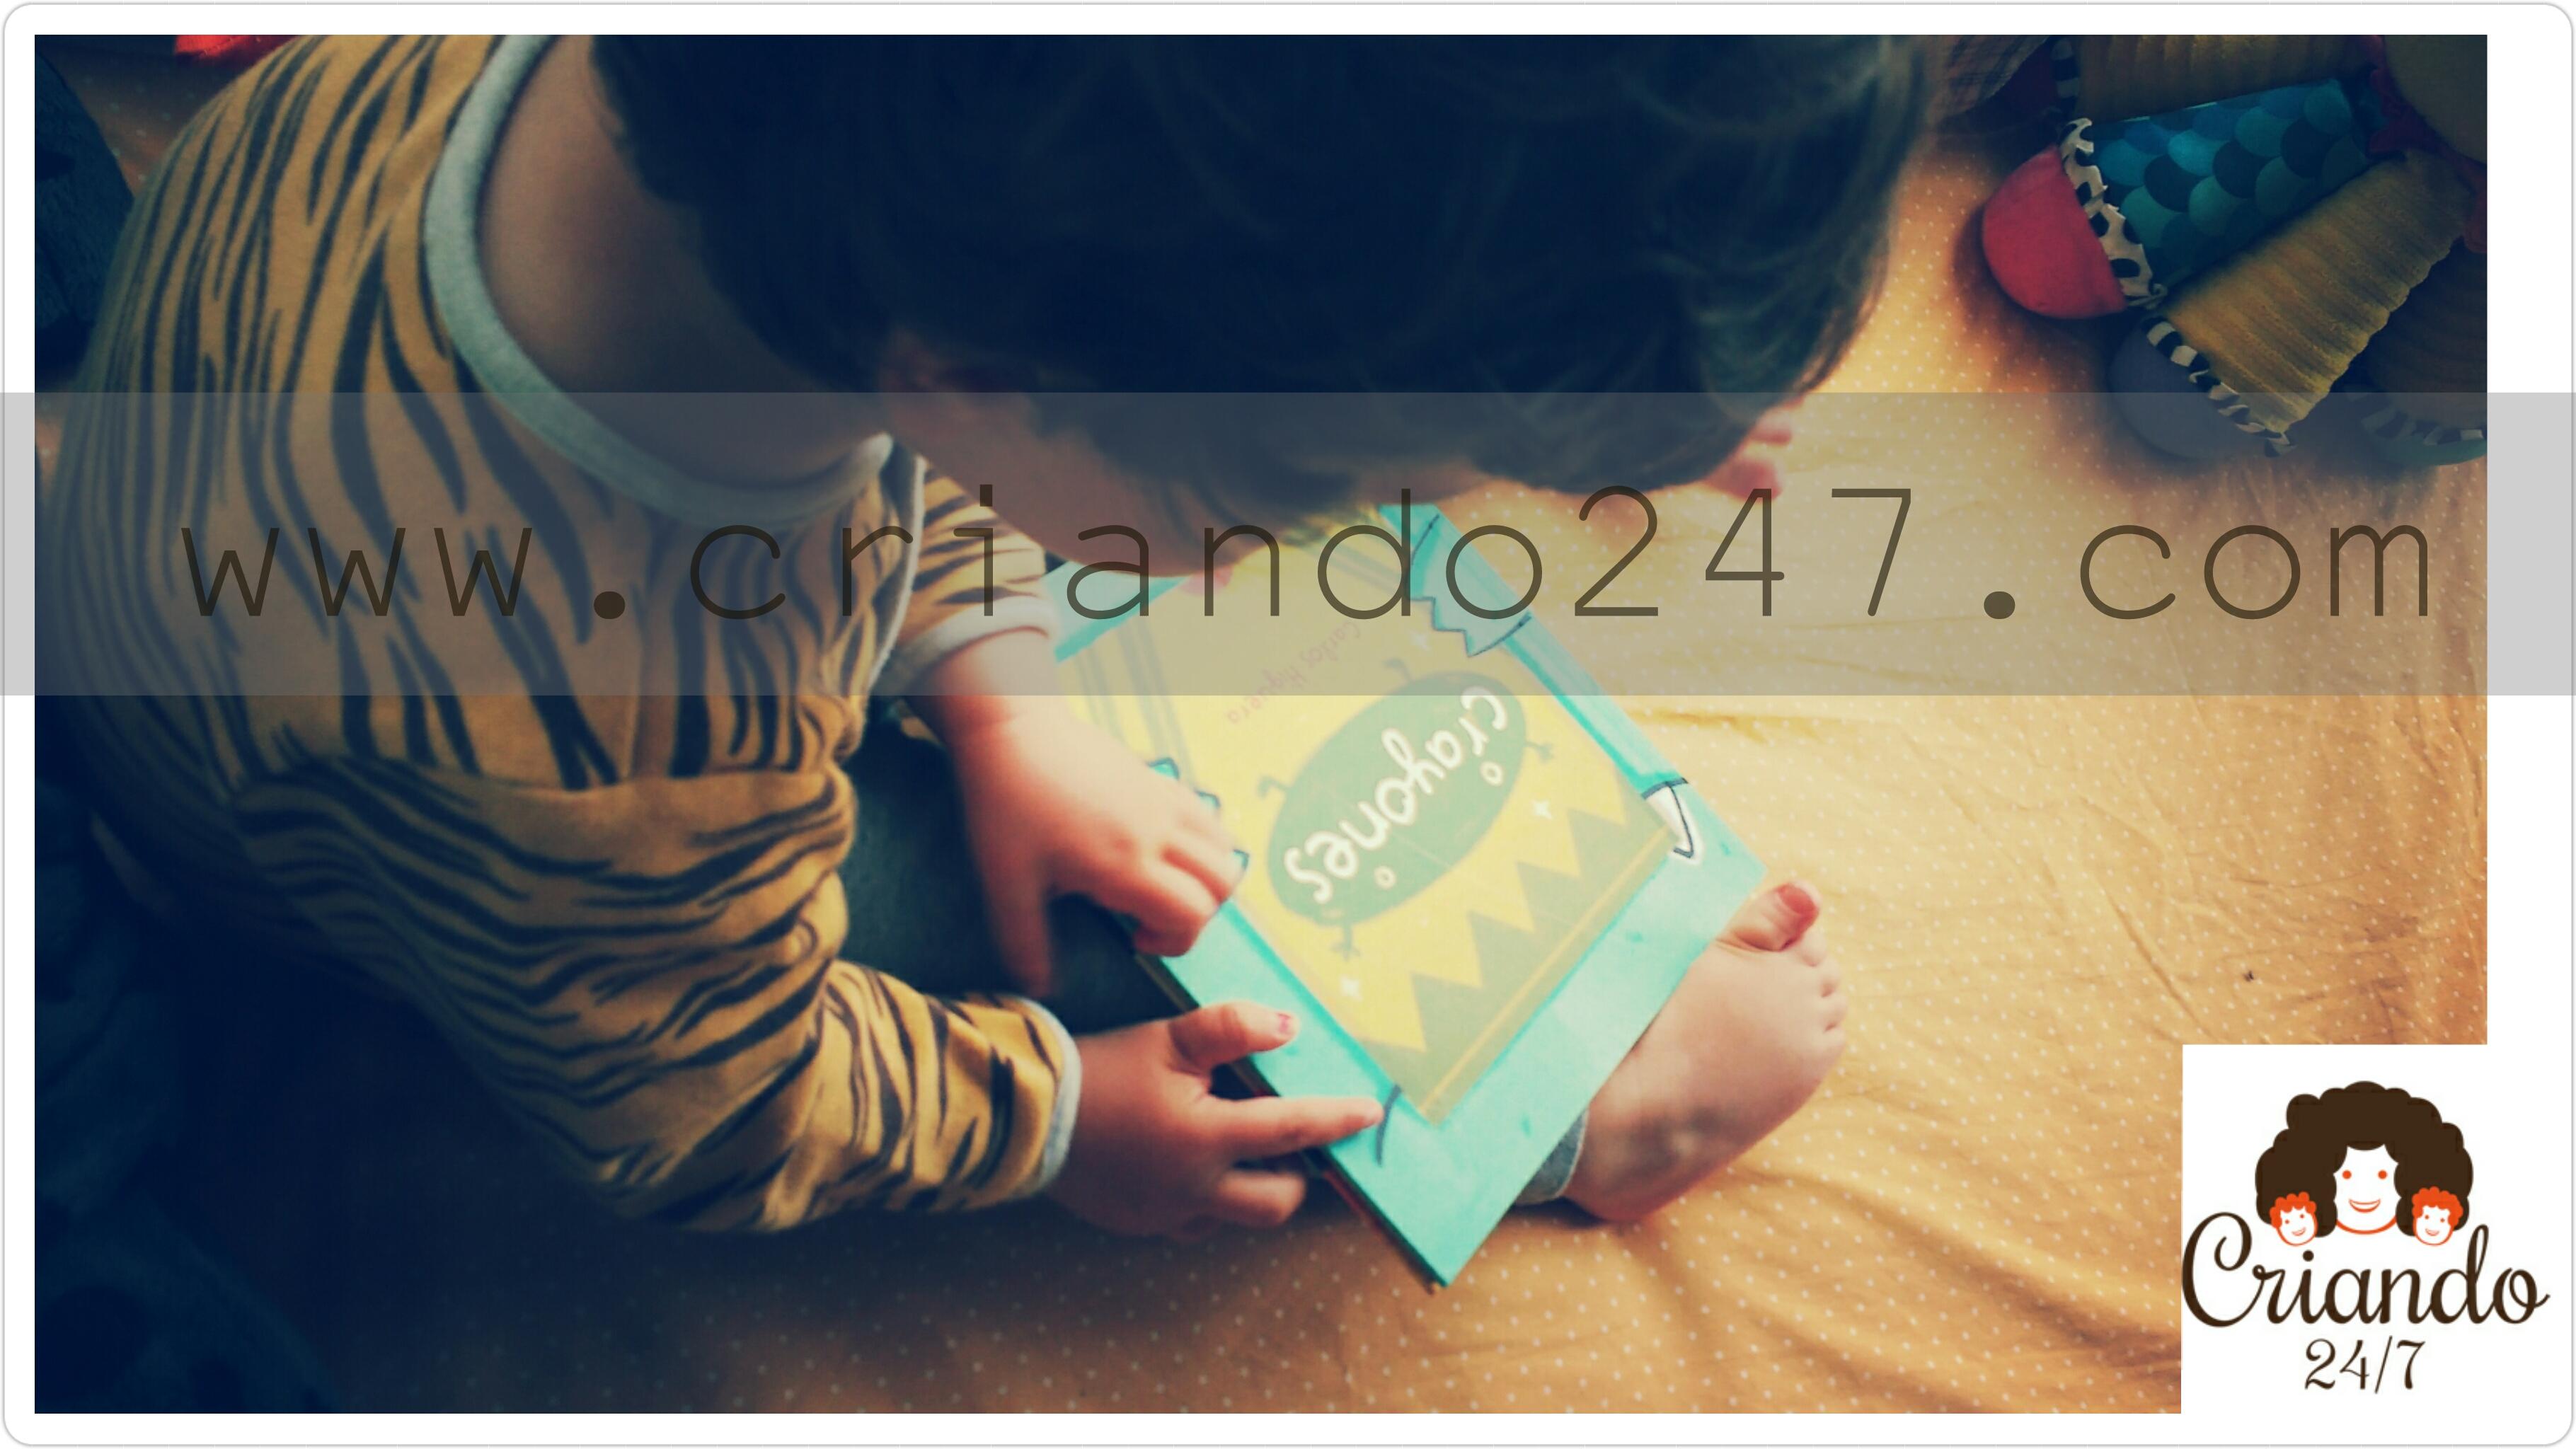 criando247 HoyLeemos Crayones